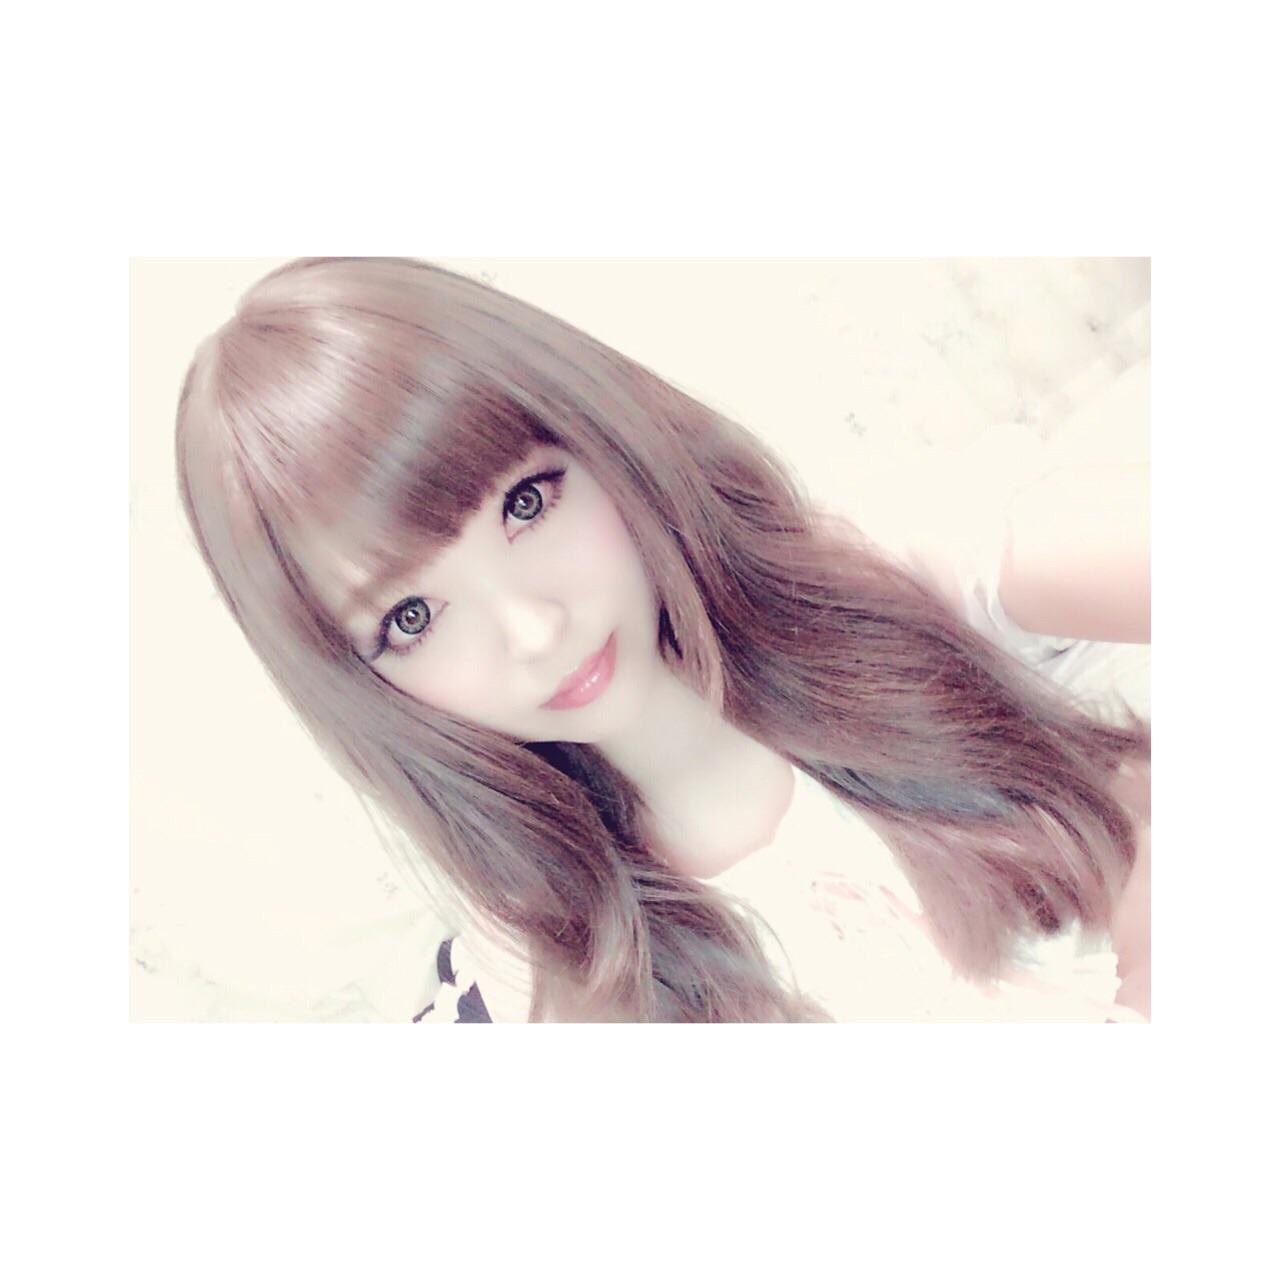 「thanks!」04/30(日) 23:35 | ゆうちゃんの写メ・風俗動画